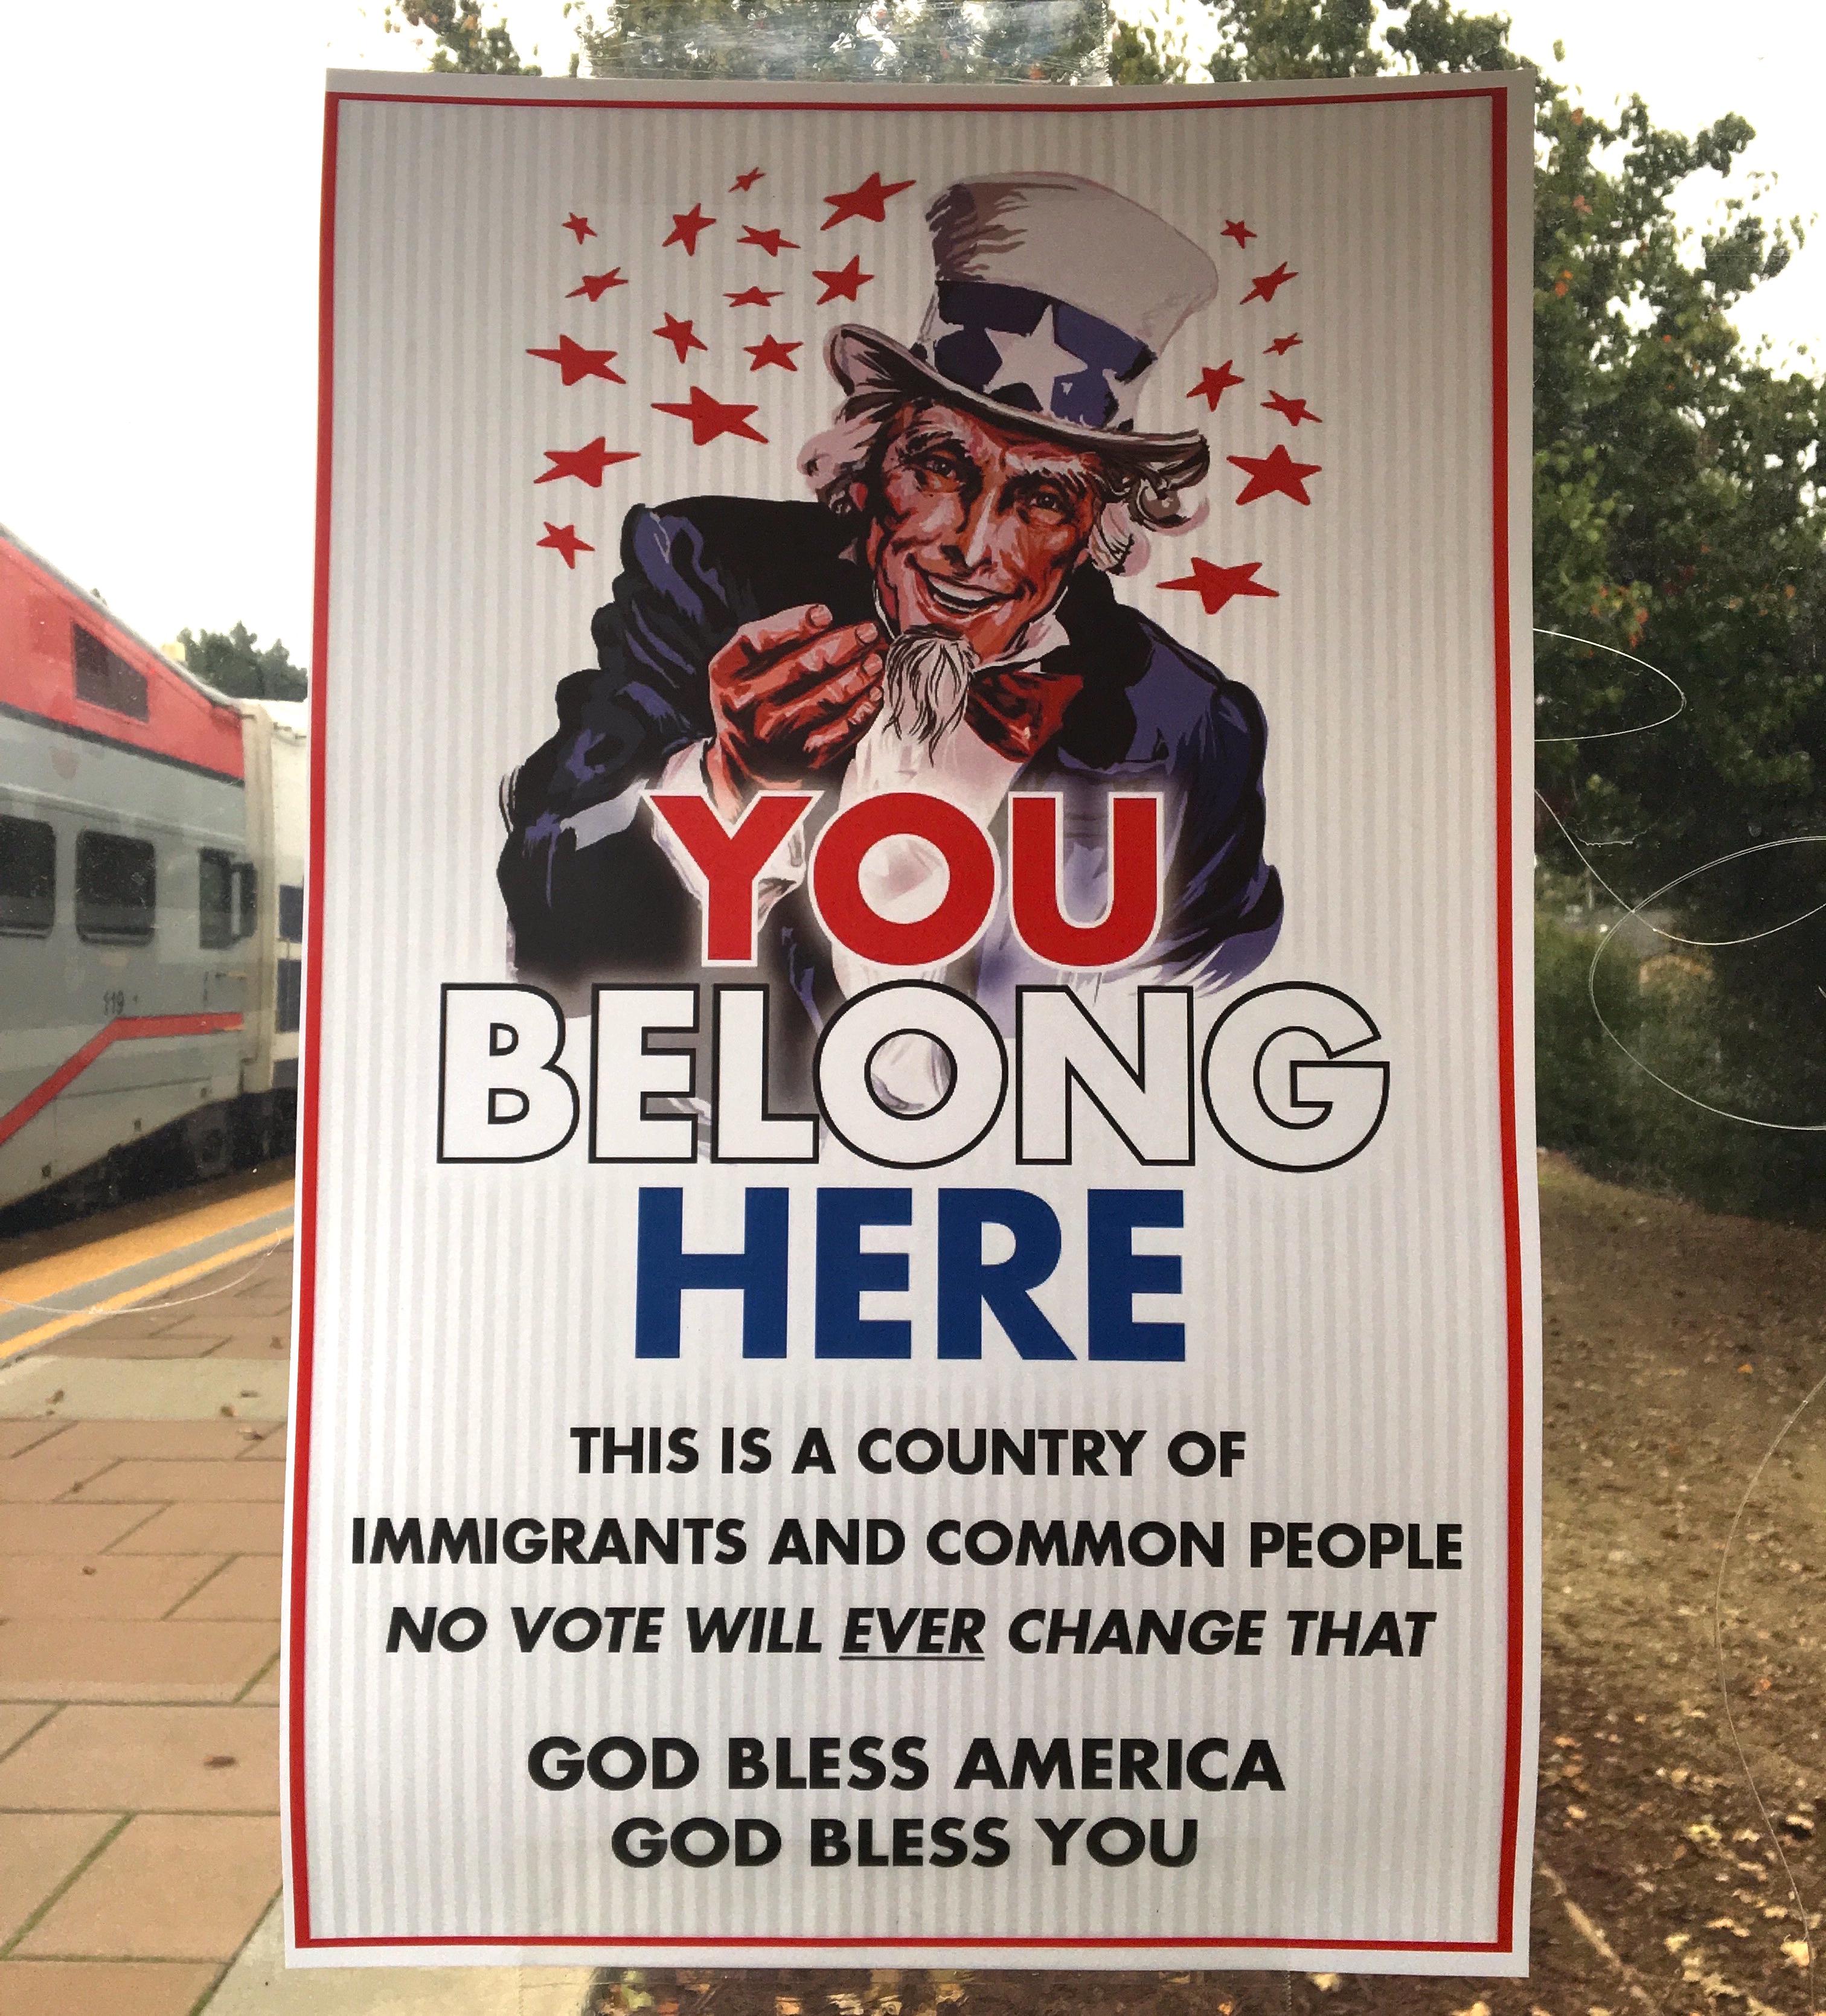 Manifesto fotografato da me alla stazione del treno di Sunnyvale, Silicon Valley